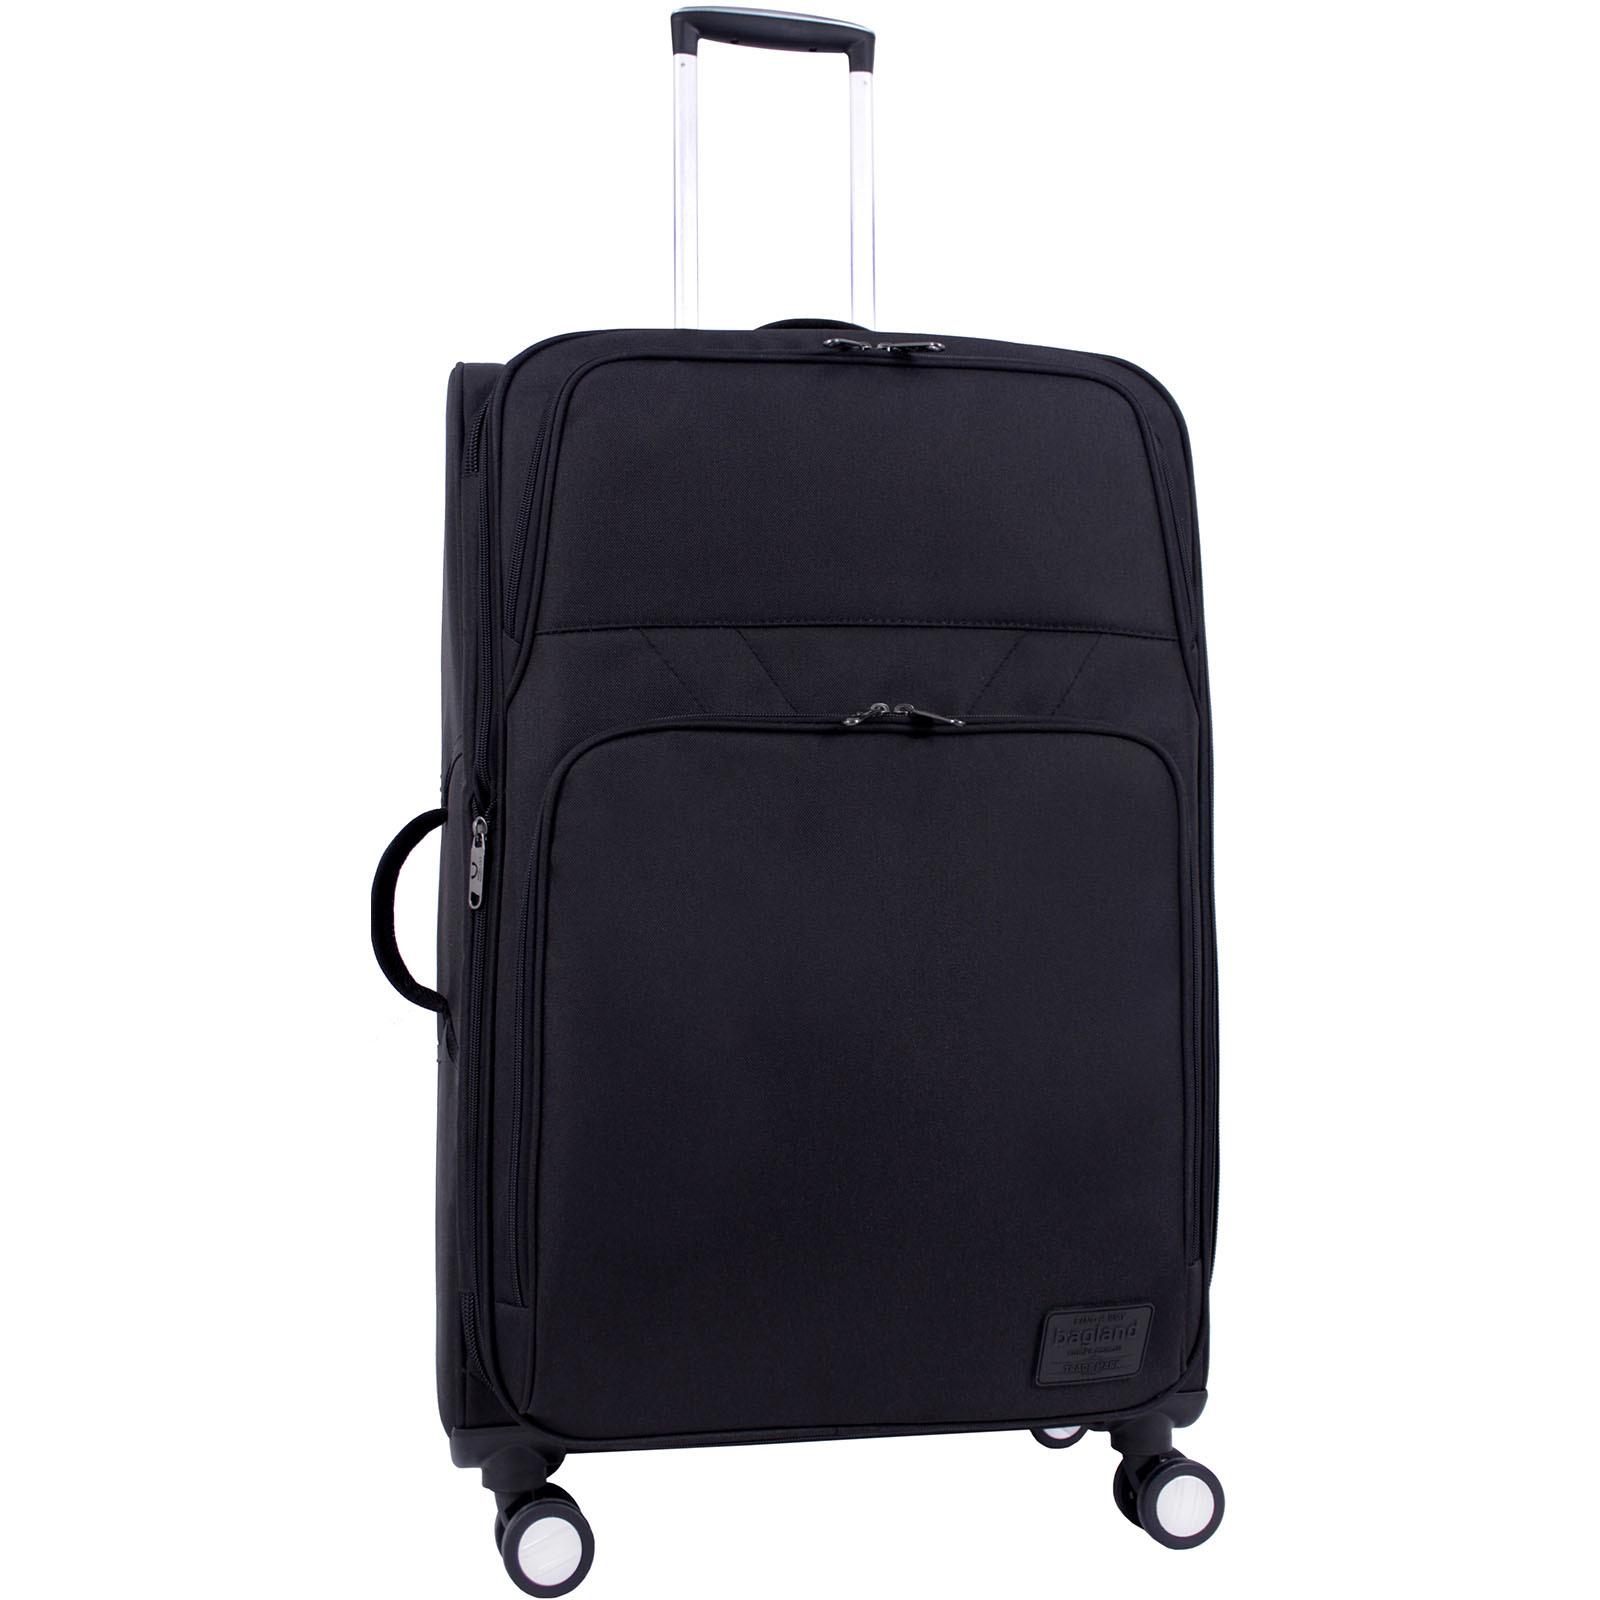 Дорожные чемоданы Чемодан Bagland Валенсия большой 83 л. Чёрный (003796627) IMG_6846.JPG